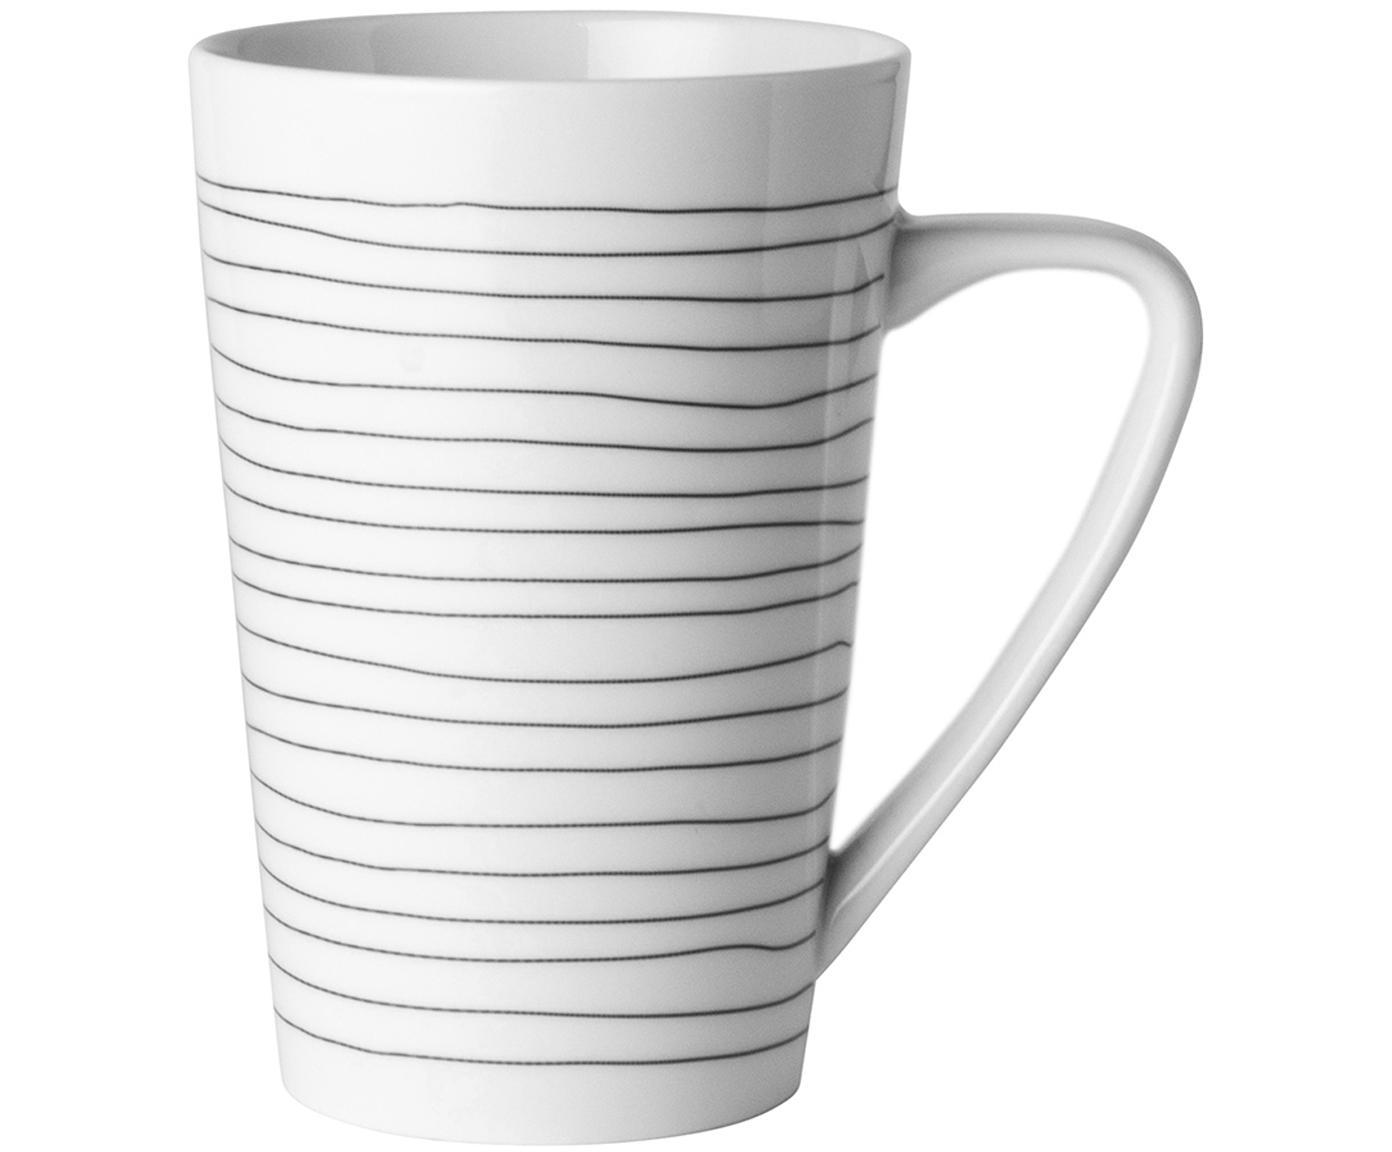 XL-Tassen Eris Loft, 4 Stück, Porzellan, Weiss, Schwarz, Ø 9 x H 13 cm